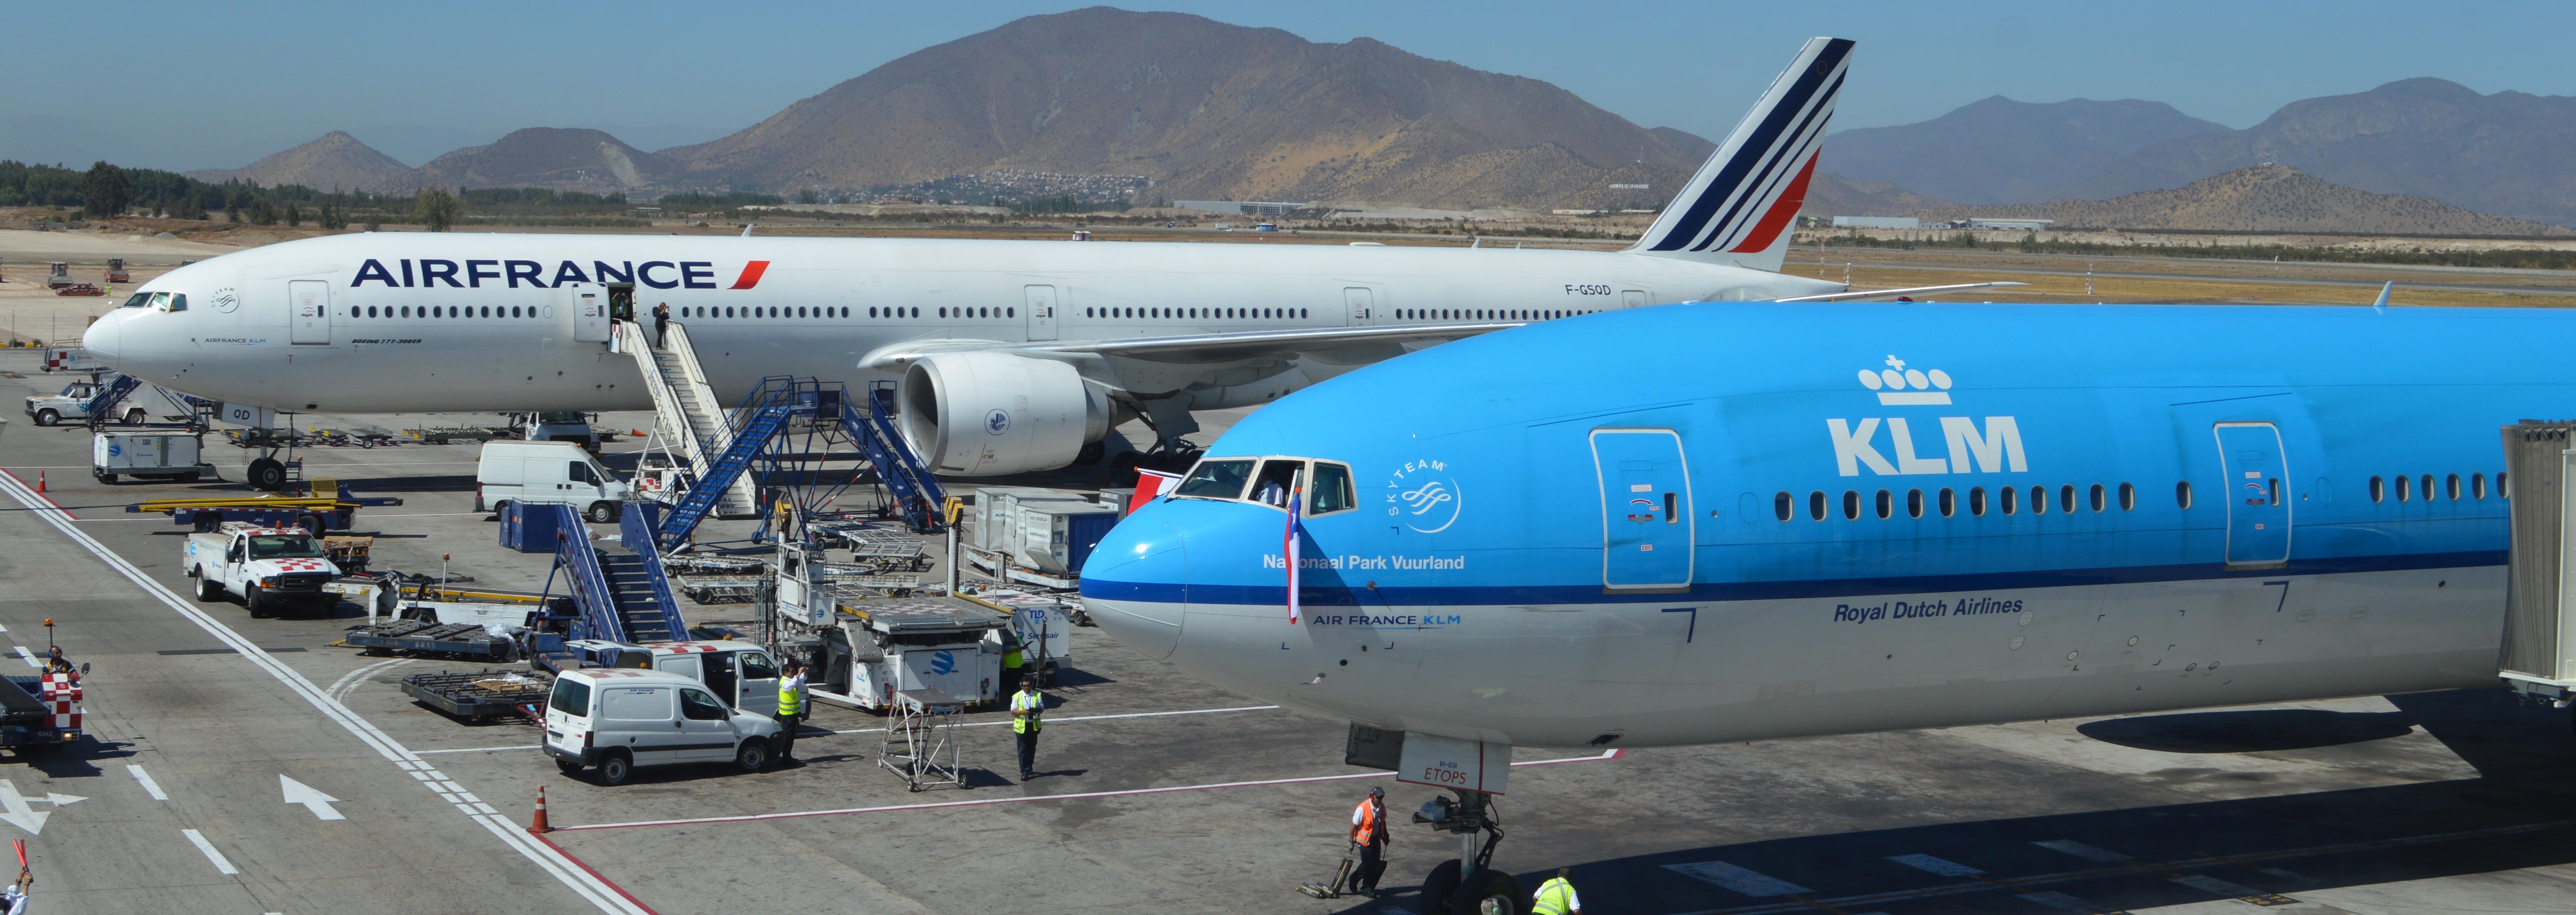 El tráfico de pasajeros de Air France KLM disminuyó un 0,5 % en enero